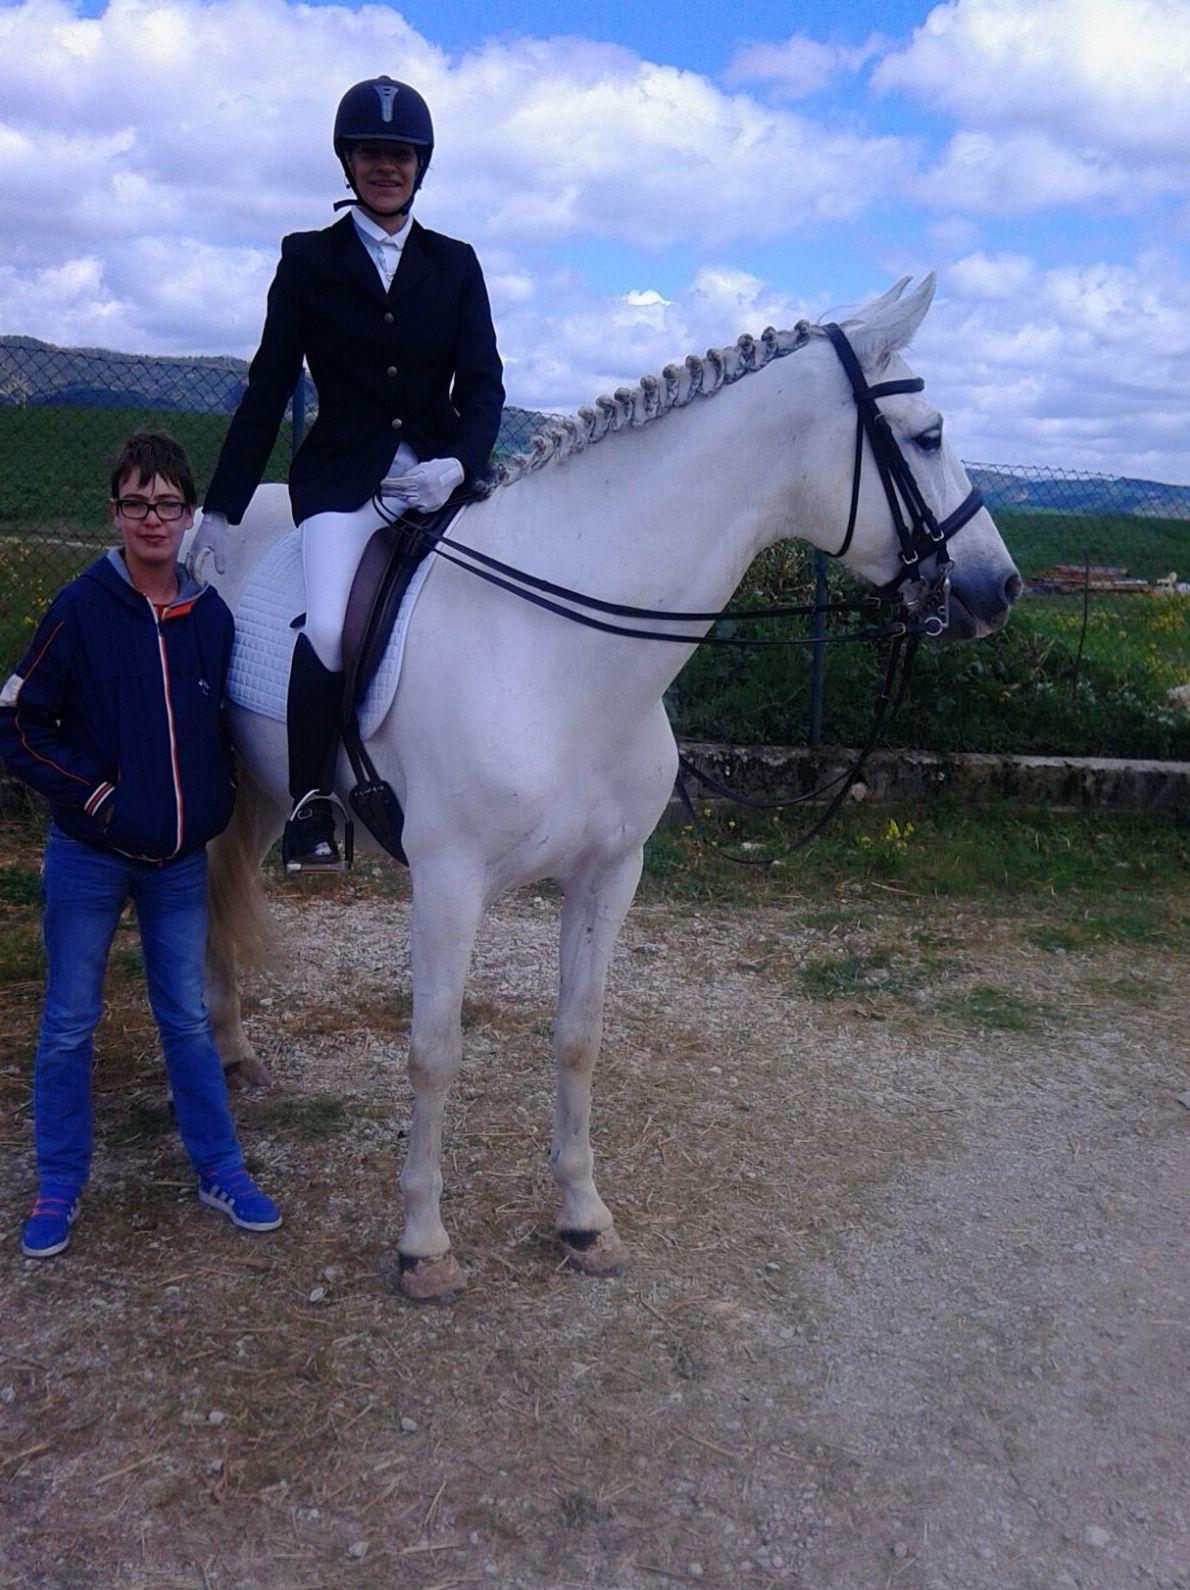 Foto 8 de Centro de equitación y equinoterapia en Labiano | Centro de Equitación y Equinoterapia Biki Blasco